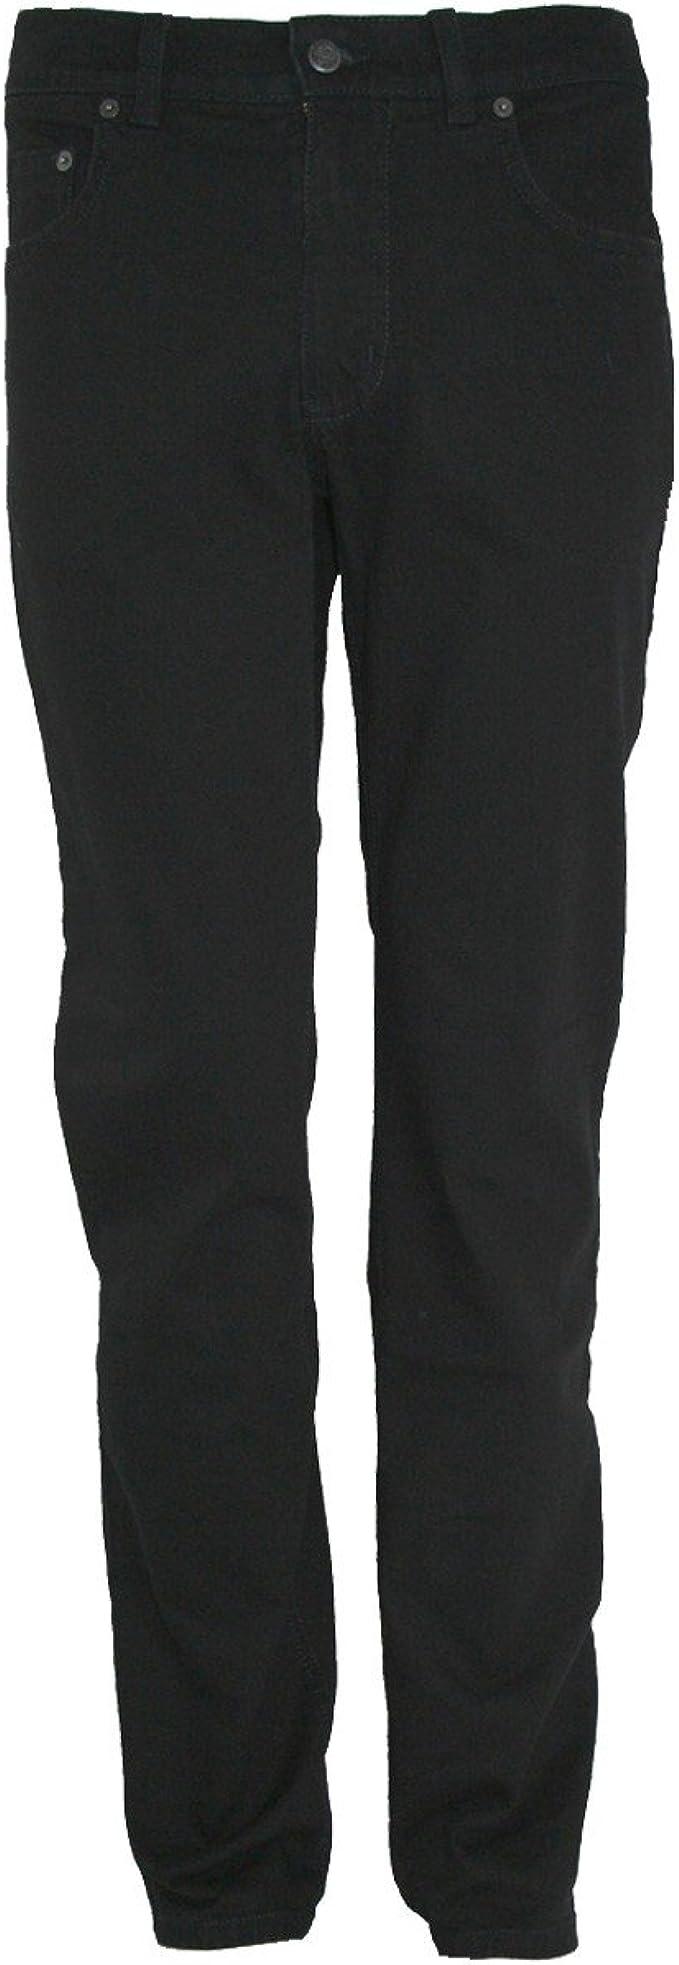 Jeans Manufaktur Edition PIONEER RON premium black Herren Denim 1184 9491.11